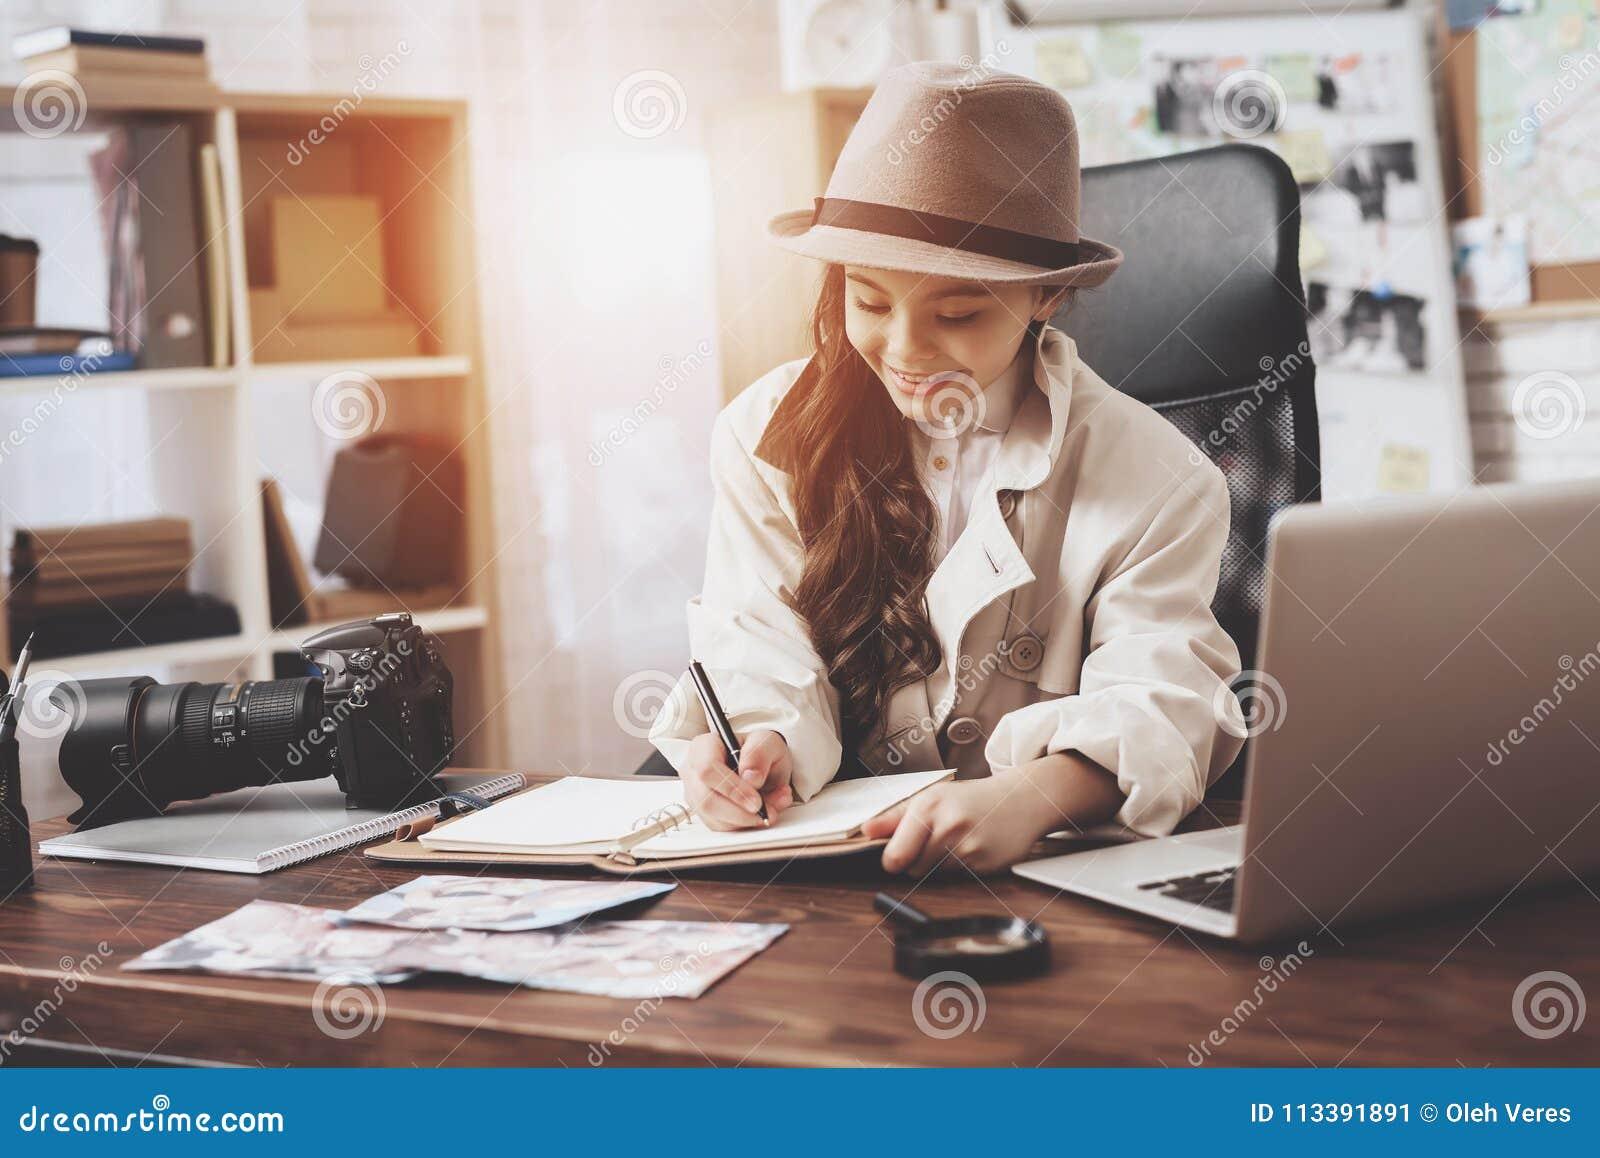 Intymna detektywistyczna agencja Mała dziewczynka siedzi przy biurkiem bierze notatki w notatniku